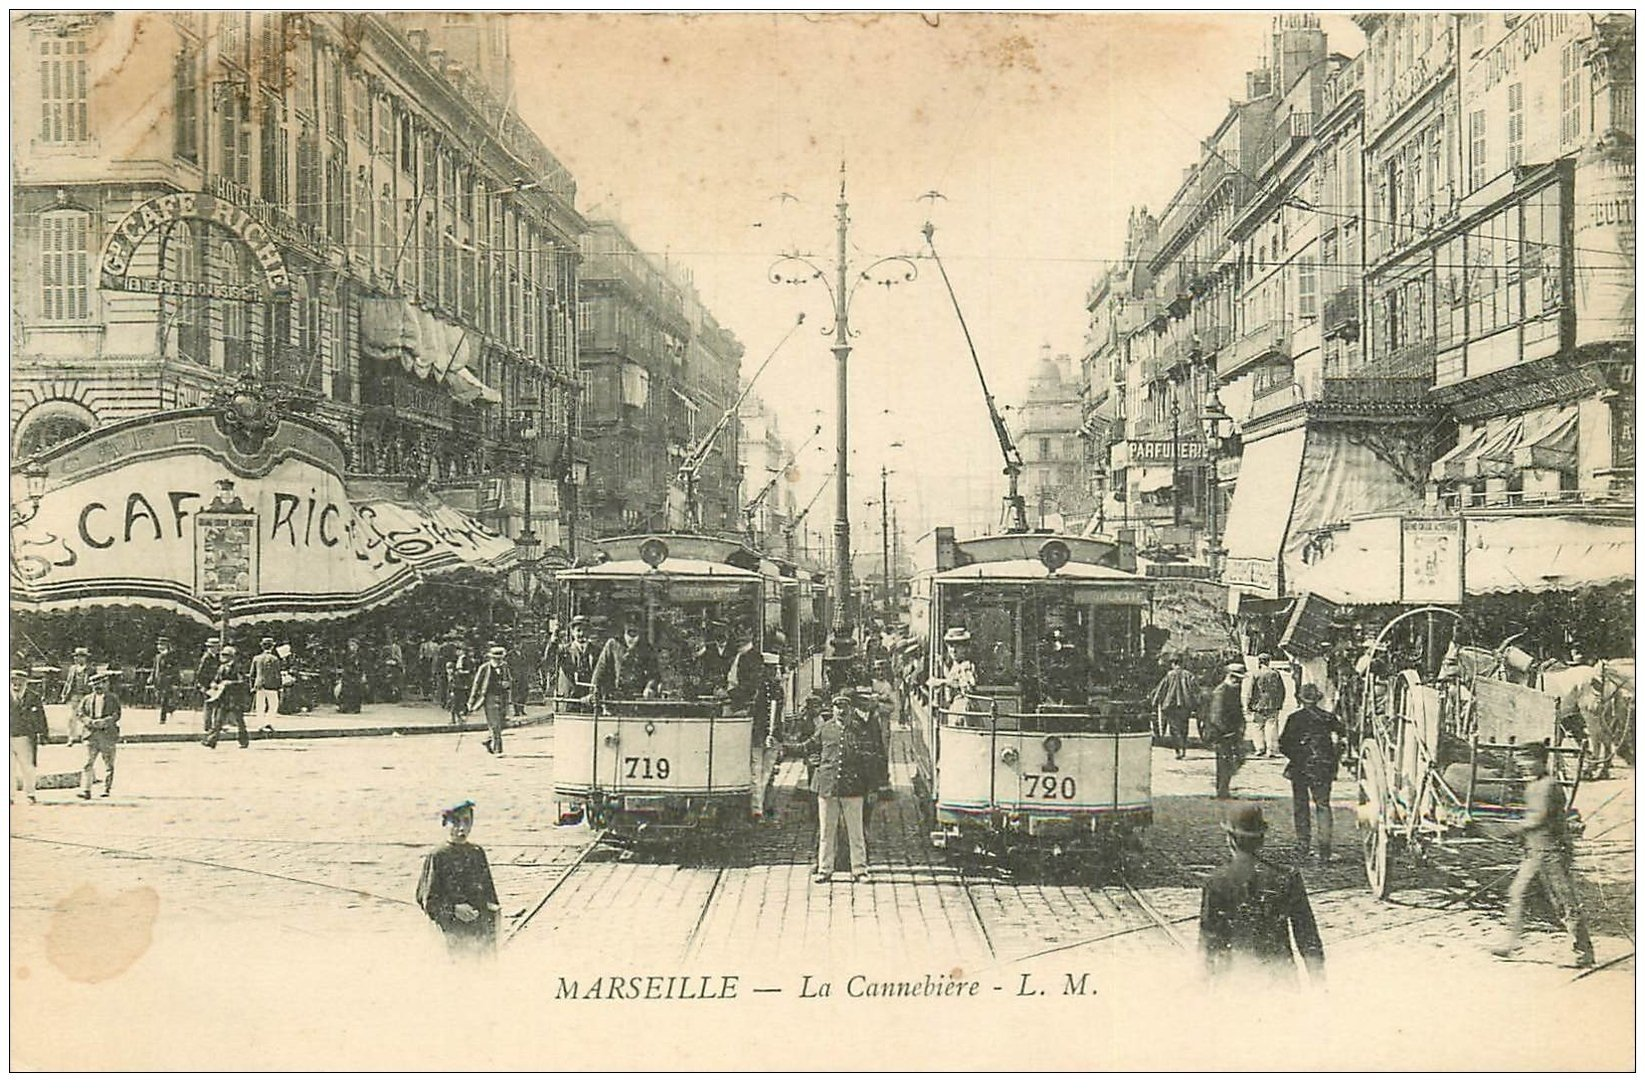 carte postale ancienne 13 MARSEILLE. La Cannebière ou Canebière. Policier, Tramways et Café Riche 1911